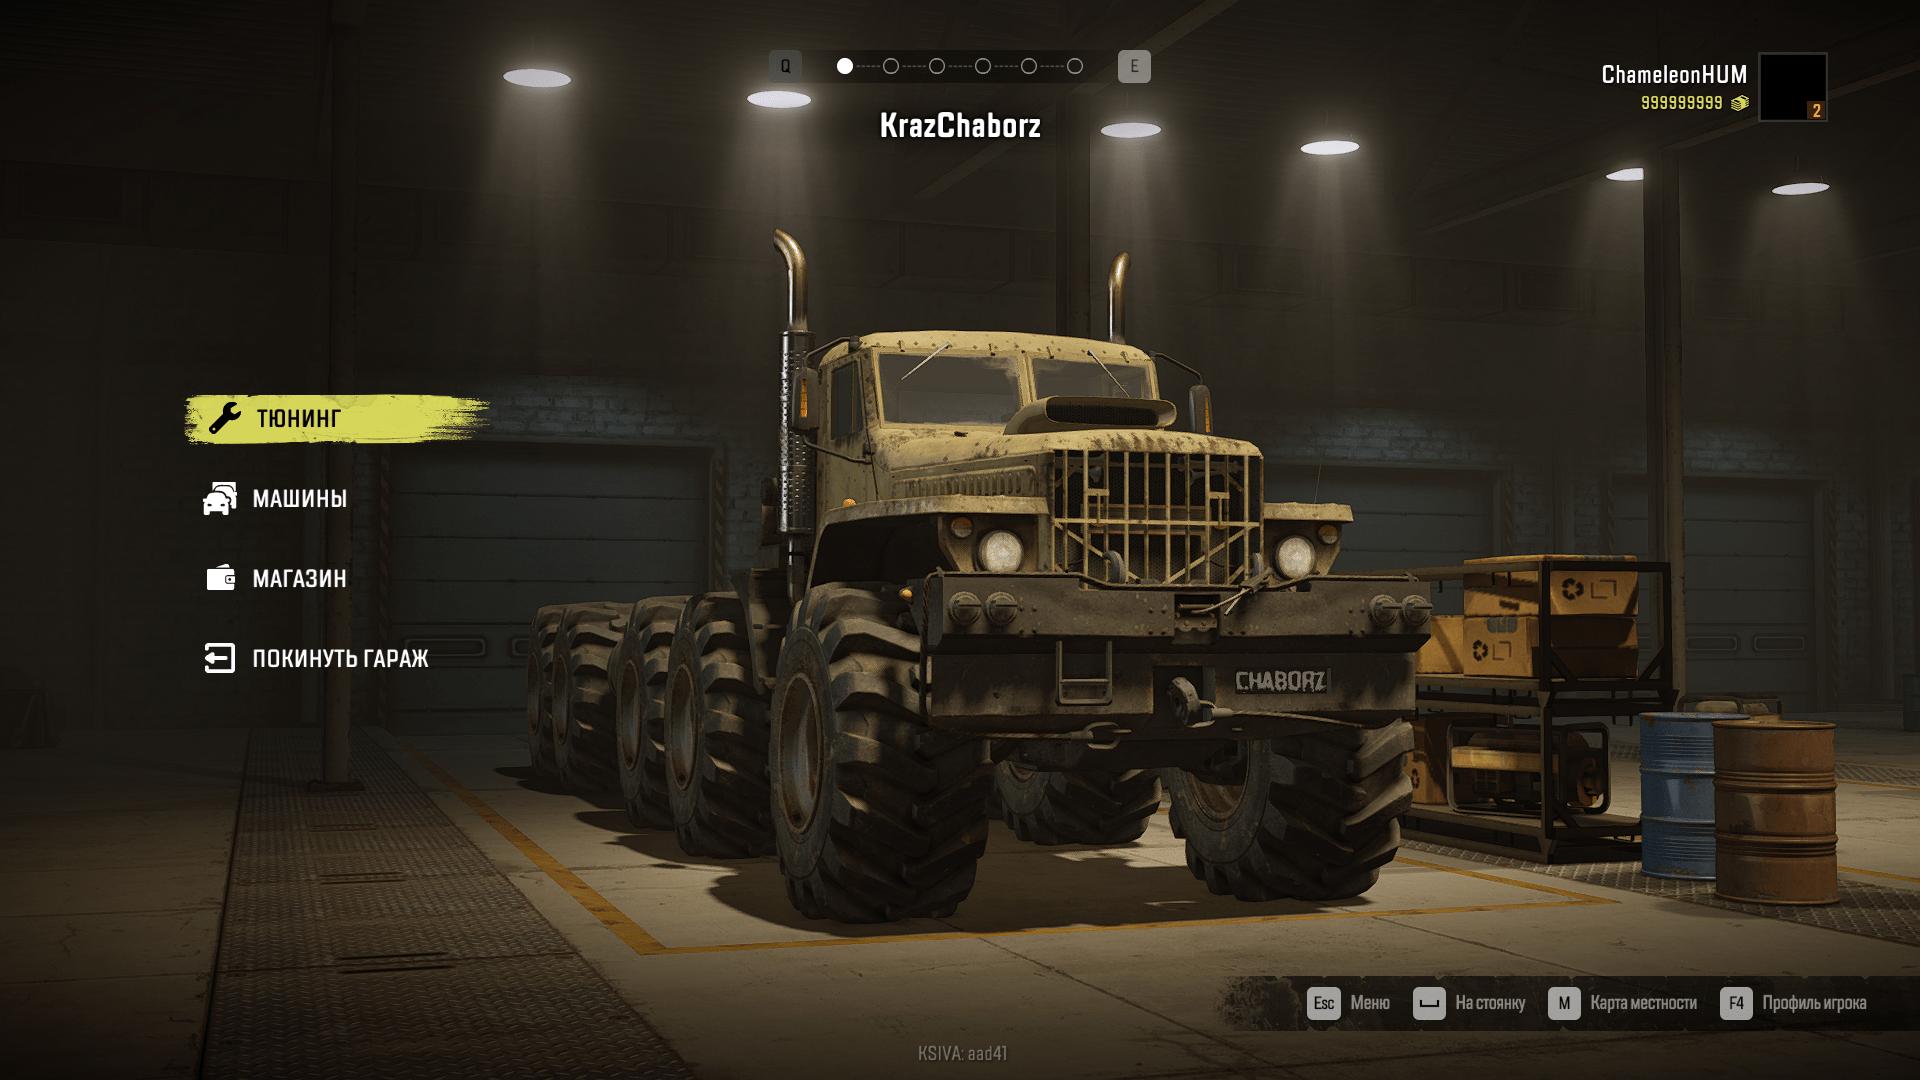 SnowRunner - KrazChaborz Truck Beta V1.0